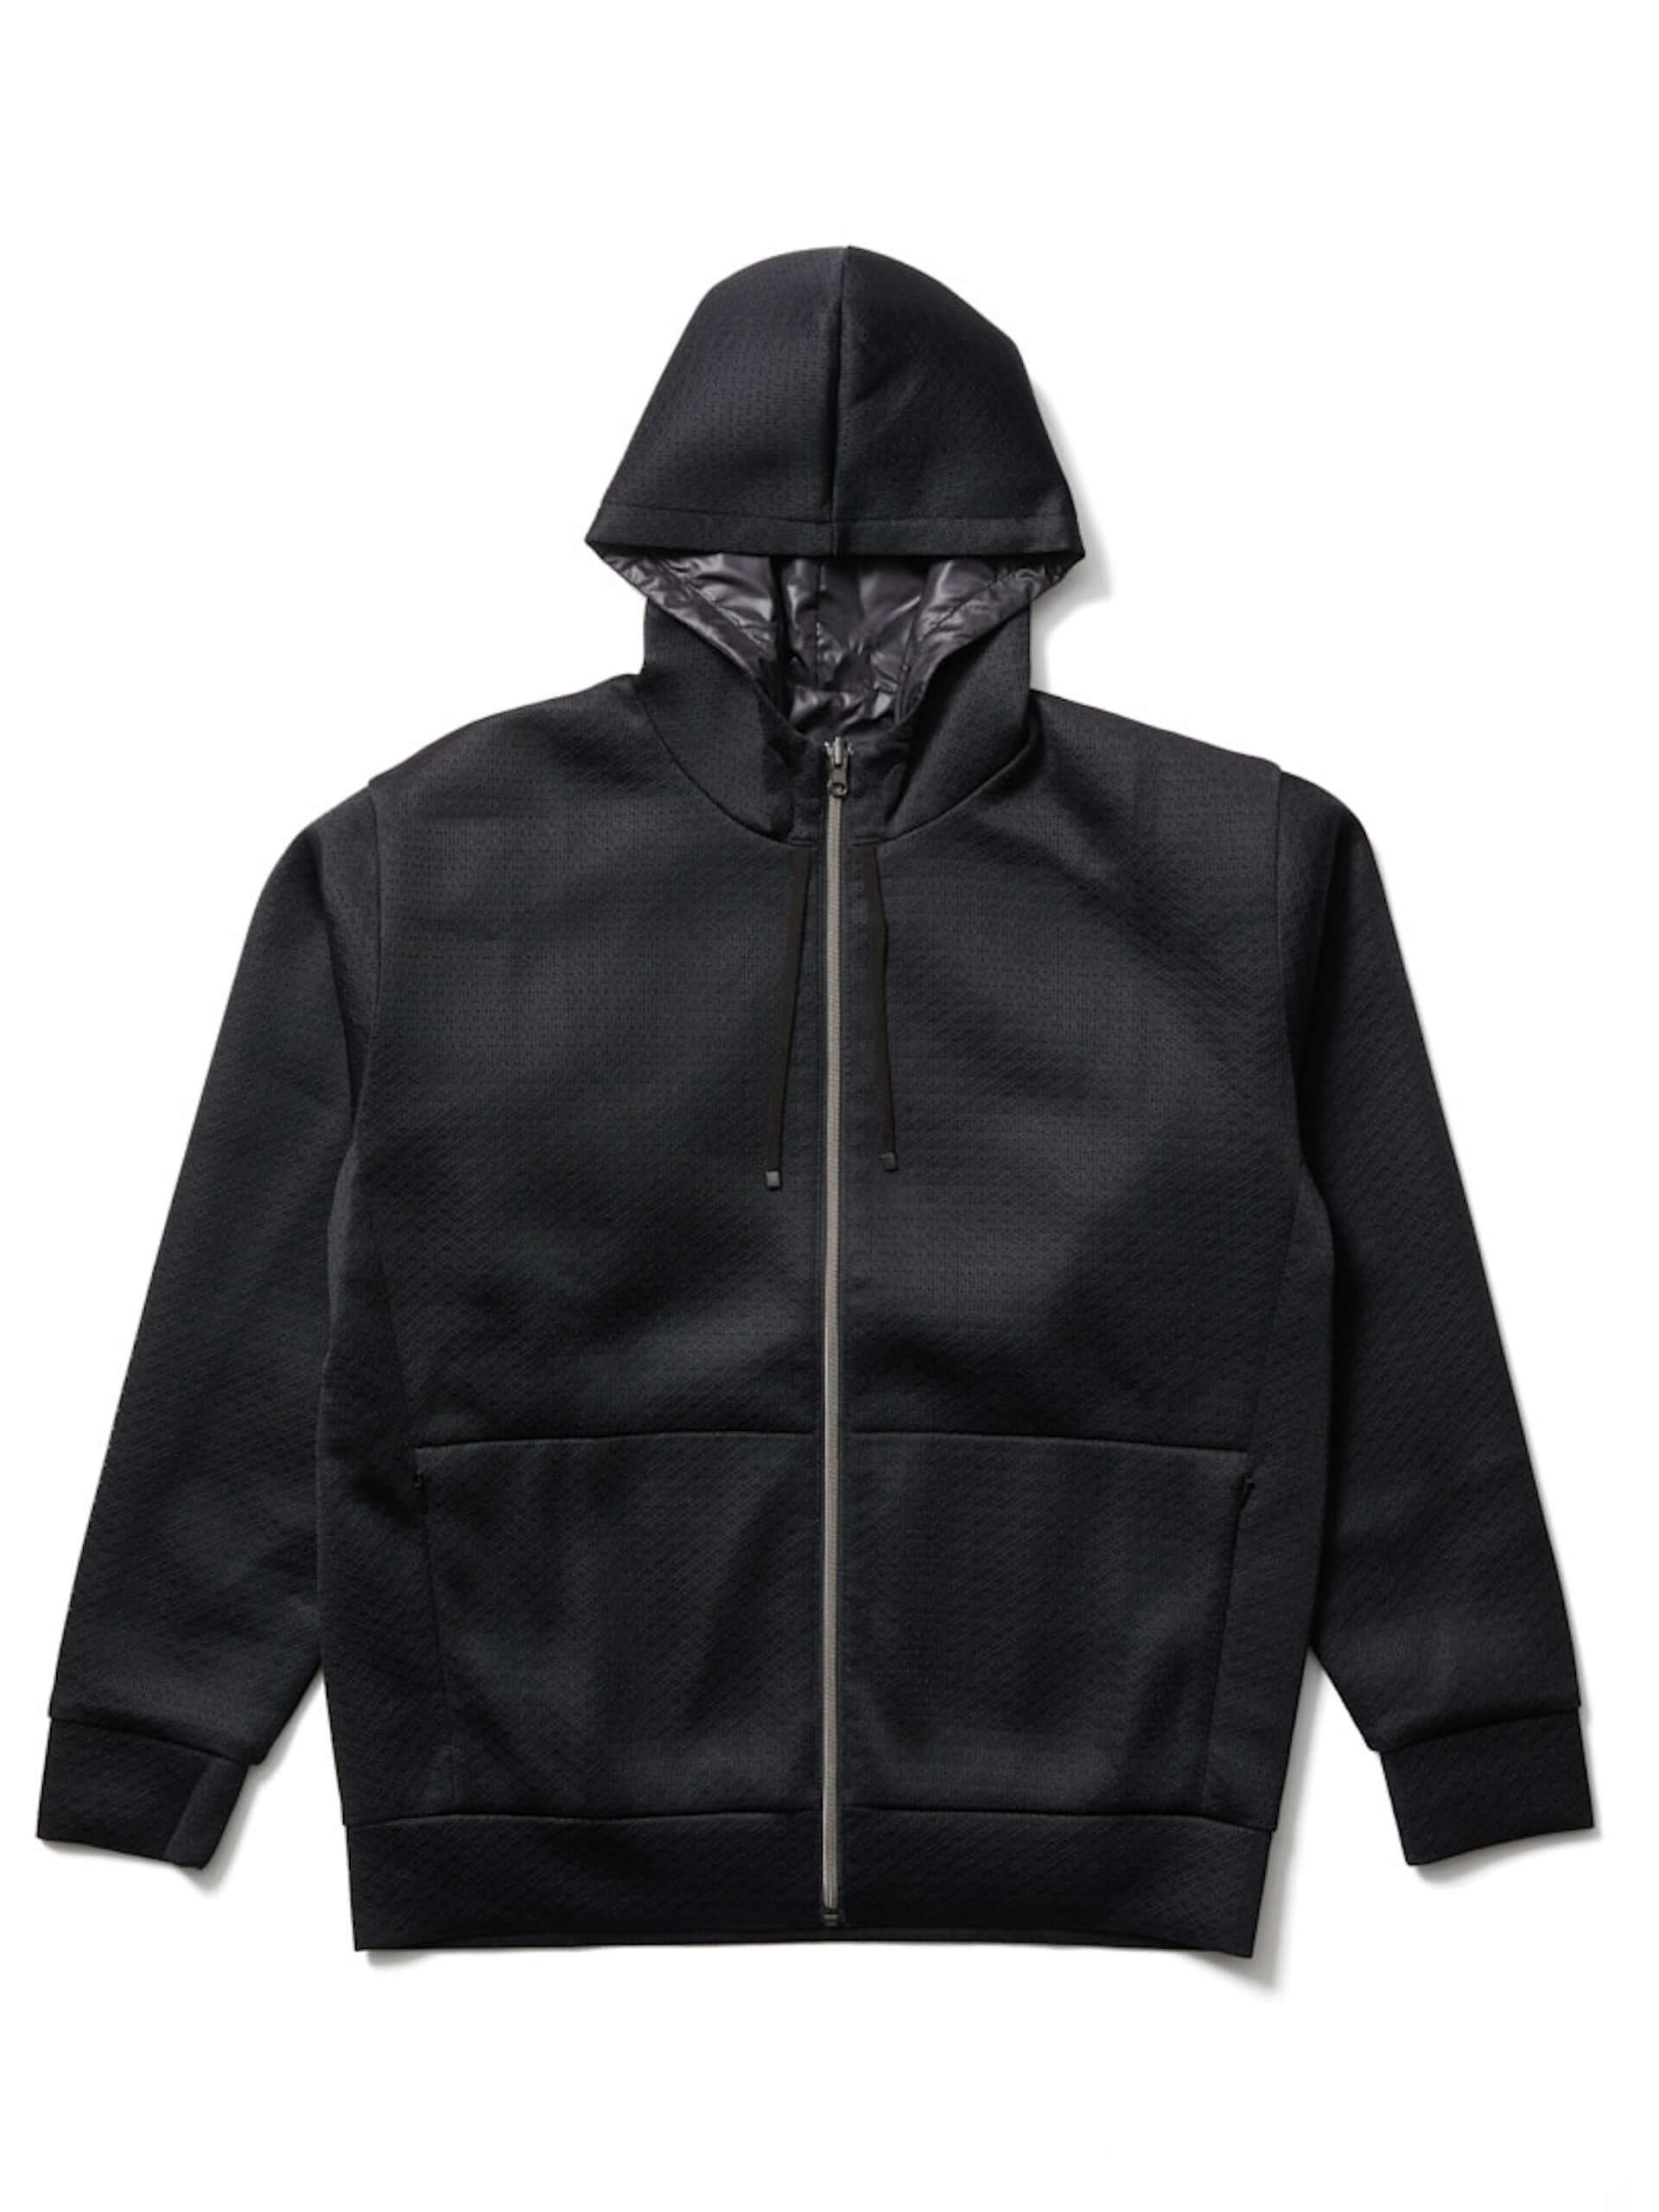 フィッシングにも最適!D-VECから防寒性に優れたジャケットやベスト、パーカーなど最新アイテムが登場 lf210107_d-vec_13-1920x2560